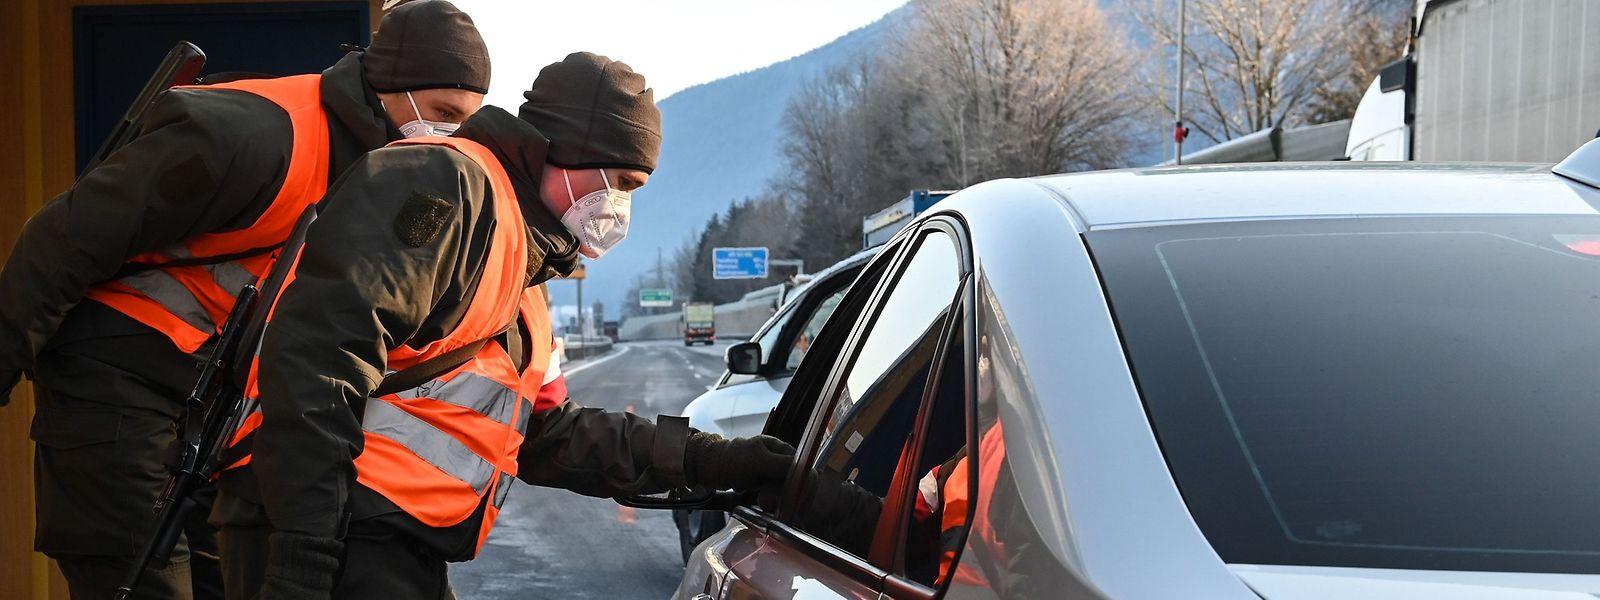 Côté allemand, les autorités n'excluent pas la possibilité d'effectuer des contrôles aléatoires pour les automobilistes qui passeraient de l'autre côté de la Moselle.